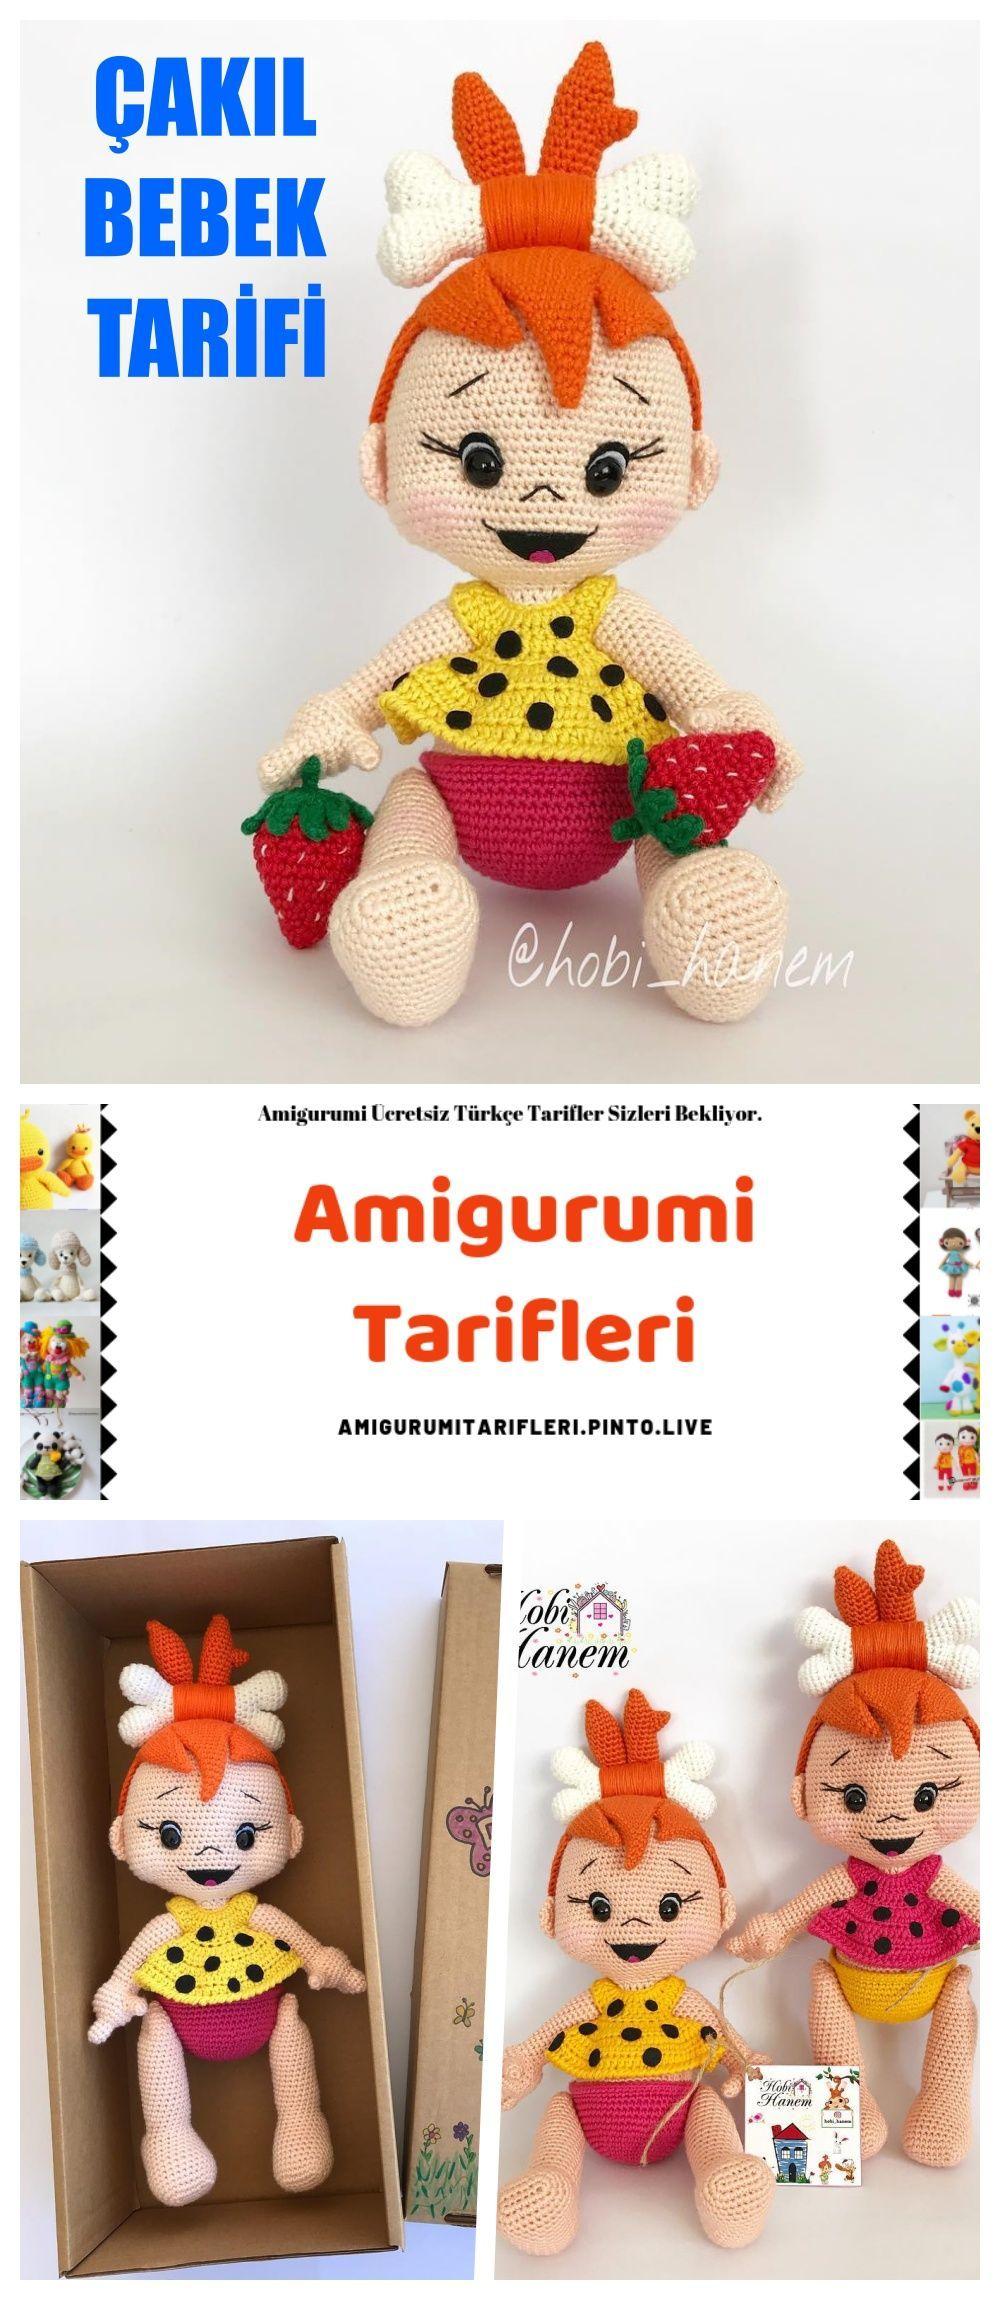 Amigurumi Bebek Yapımı | Amigurumi oyuncak bebek, Amigurumi ... | 2300x1000